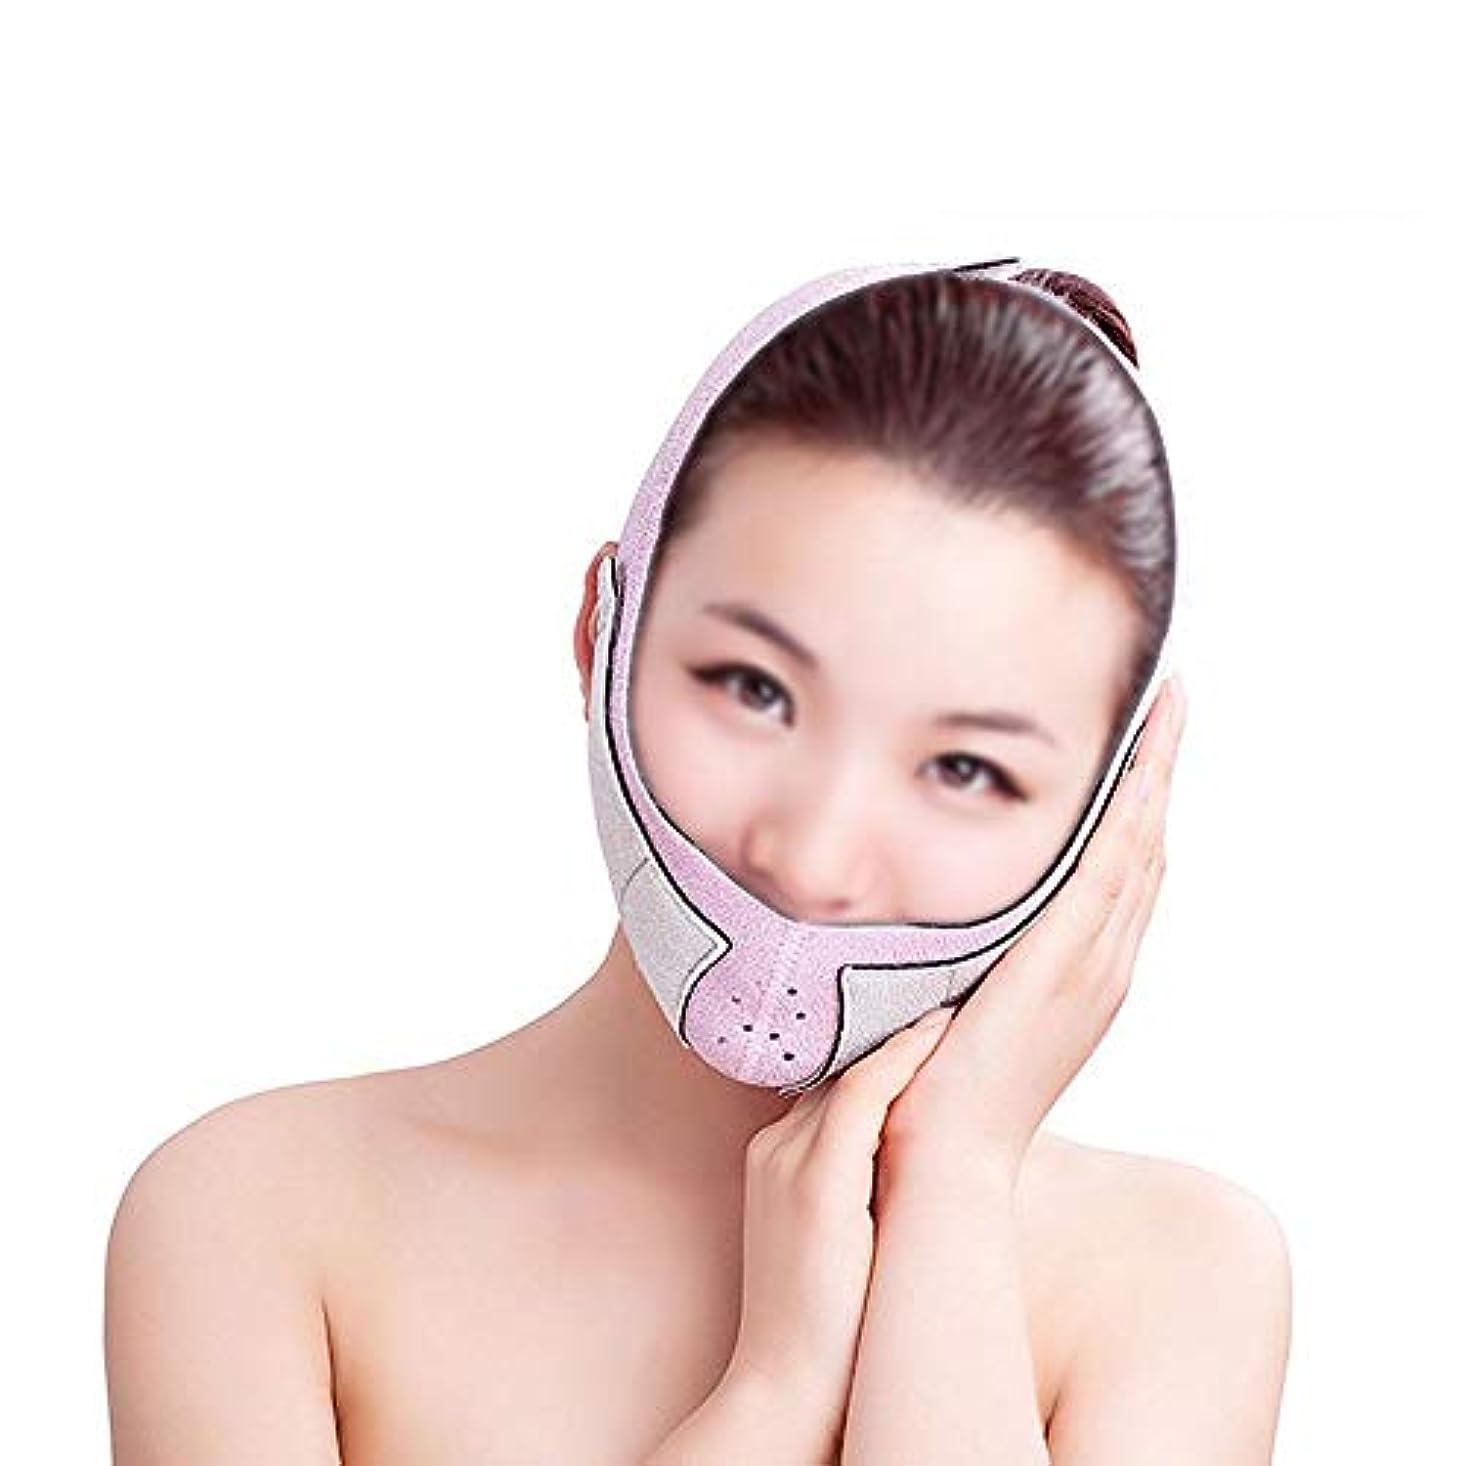 ファセットアルネ対抗XHLMRMJ フェイスリフトマスク、痩身ベルト薄いフェイスマスク強力な持ち上げ小さなV顔薄い顔包帯美容フェイスリフティングデバイス